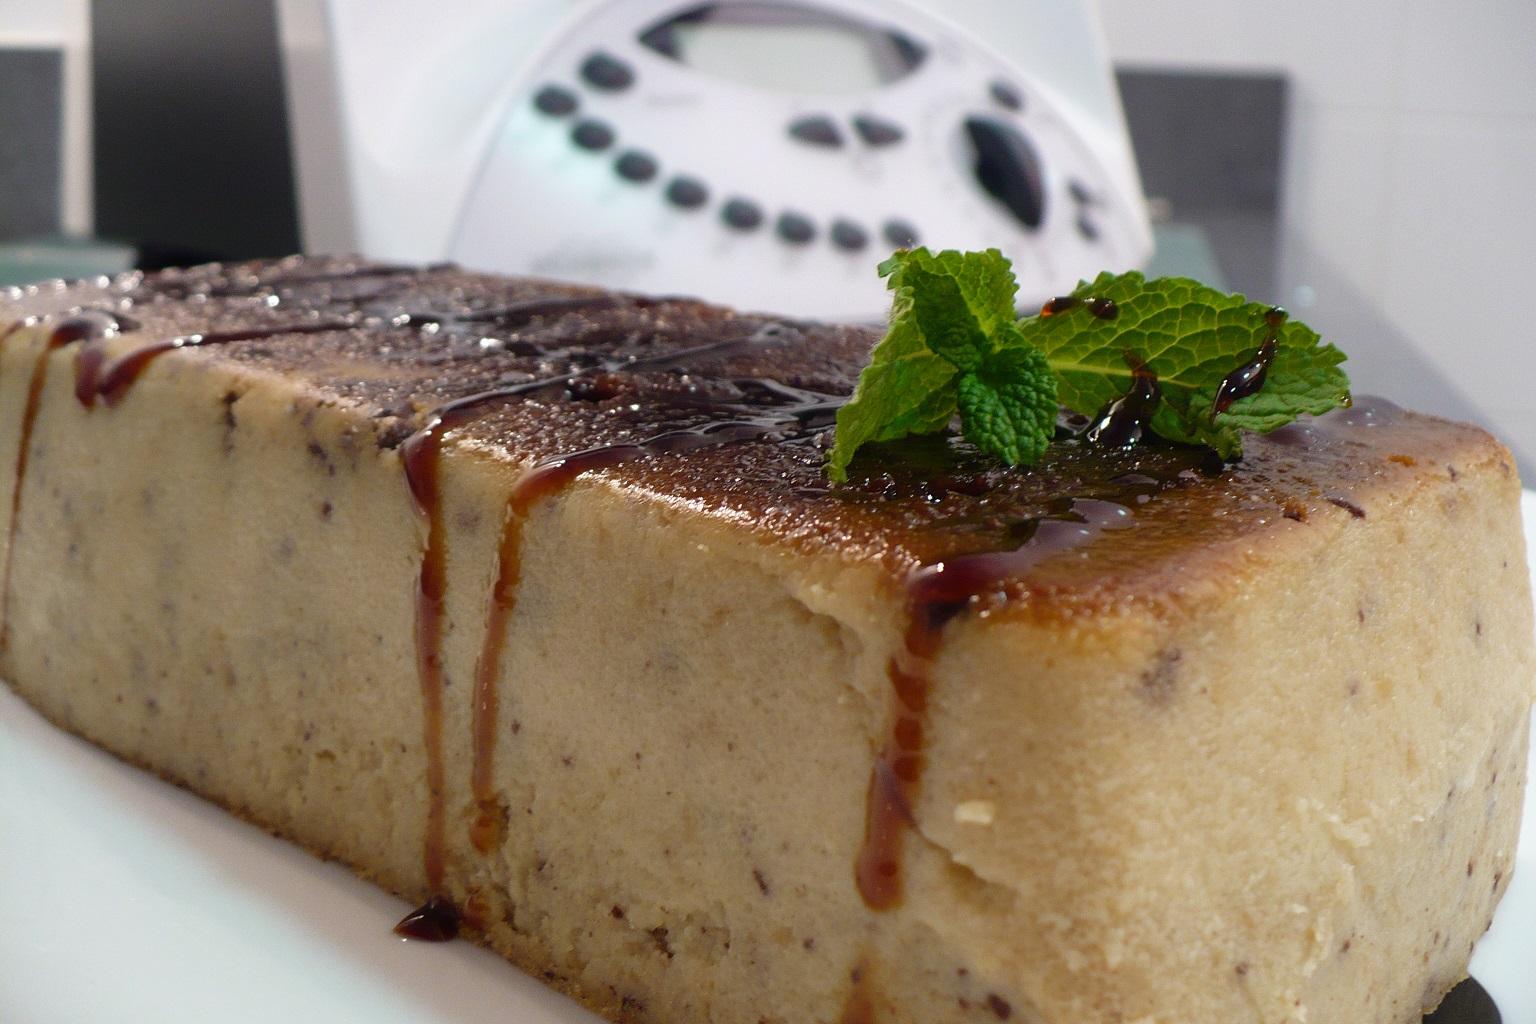 Receta de Pudin de pan de azúcar y chocolate con thermoix